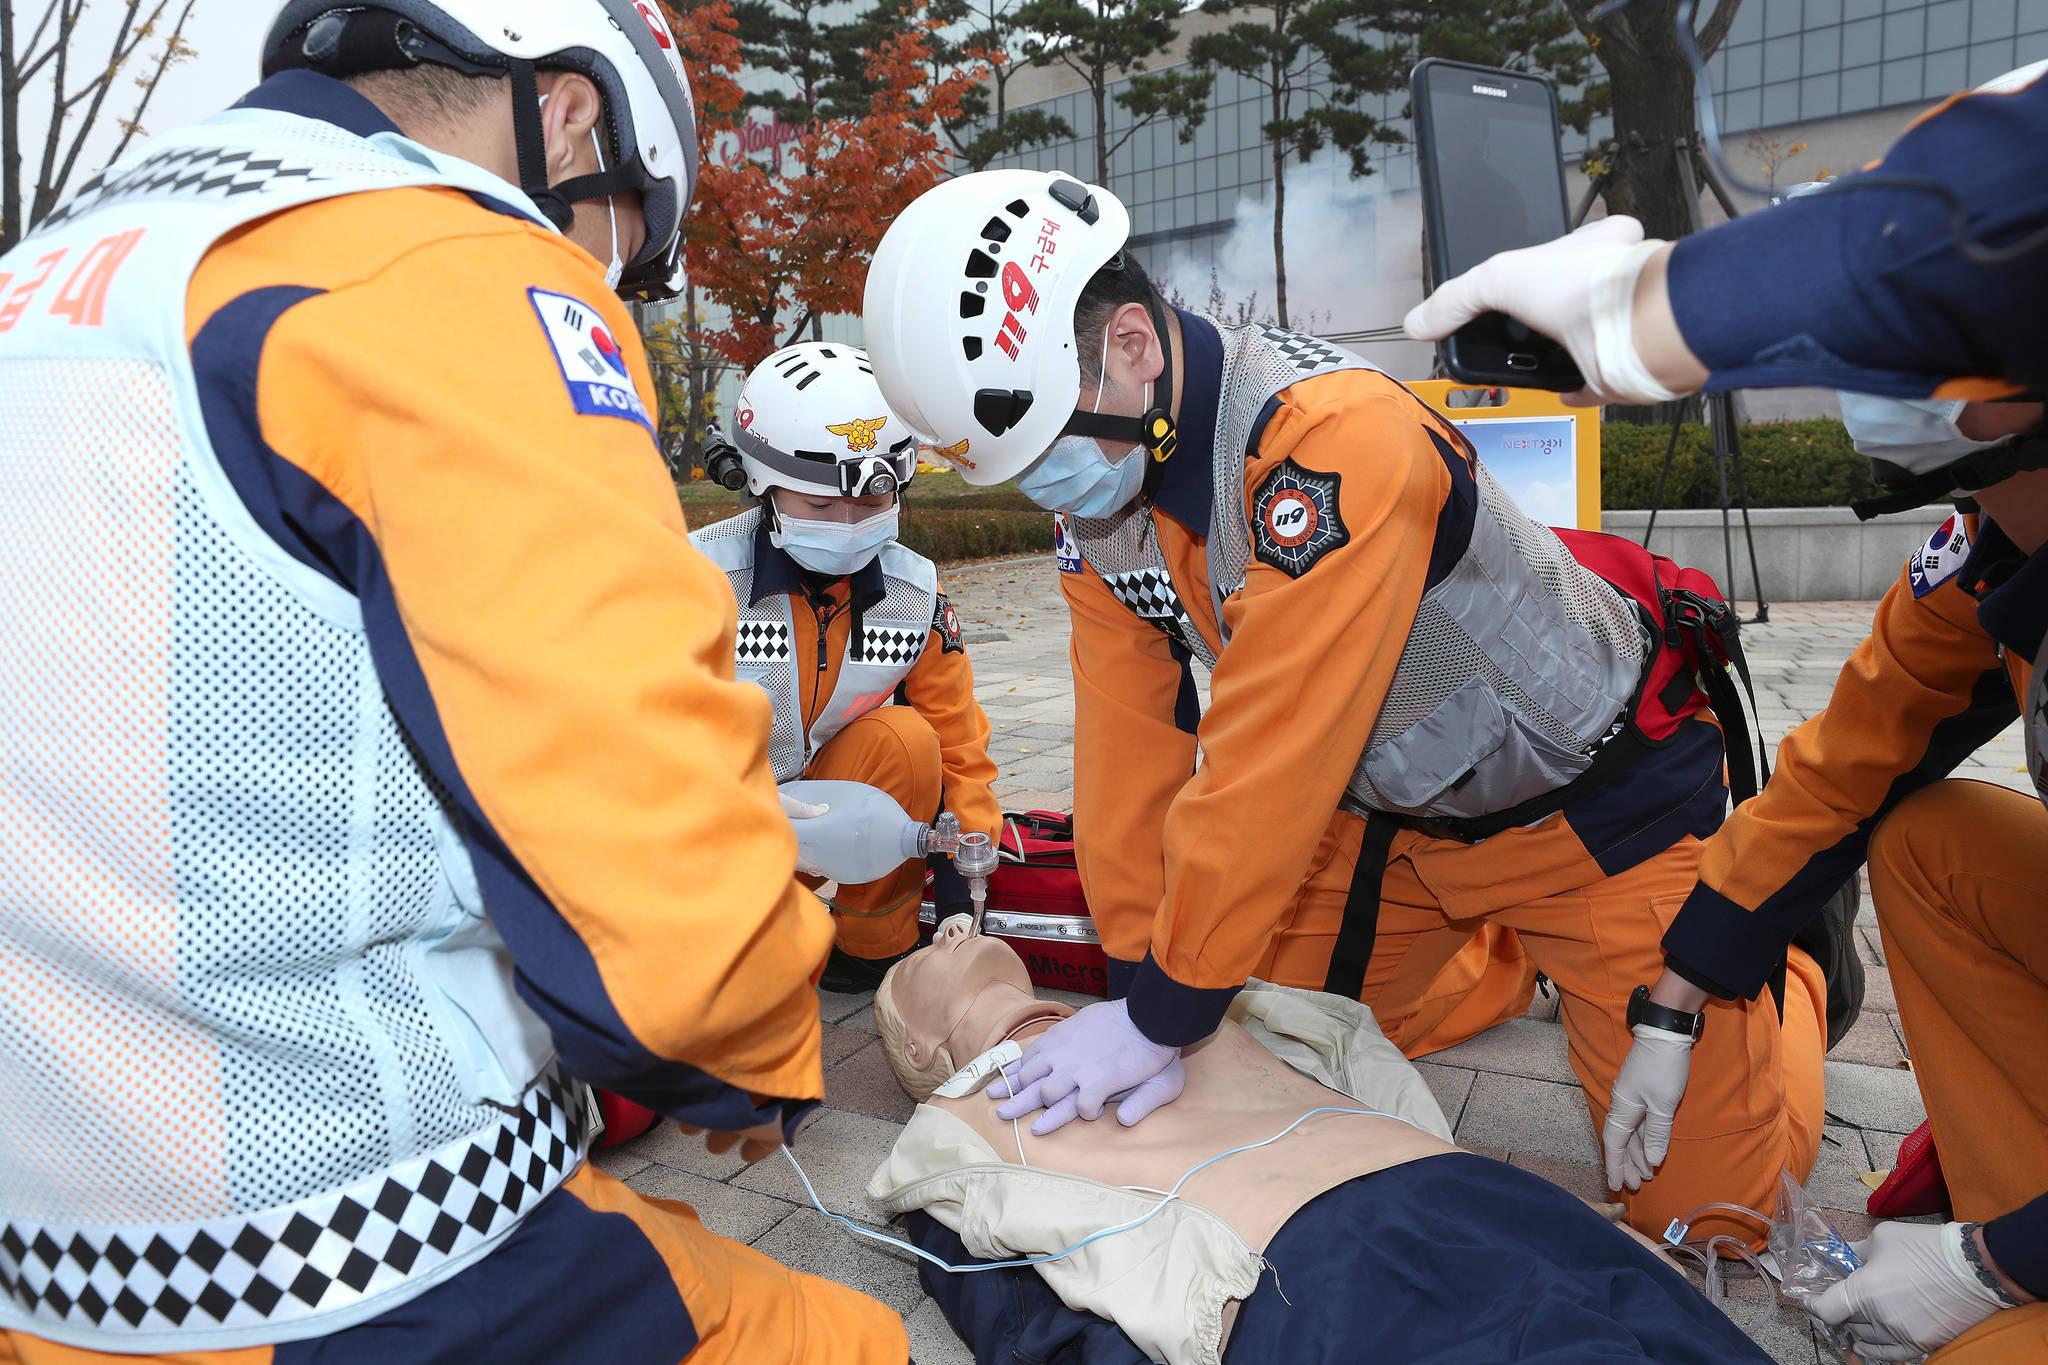 심폐소생술 훈련을 하고 있는 소방관들. 의료진이 SFTS 환자에게 심폐소생술 등 응급 처치를 할 때에는 마스크와 장갑 등 개인보호장비를 착용하는 게 좋다. [연합뉴스]